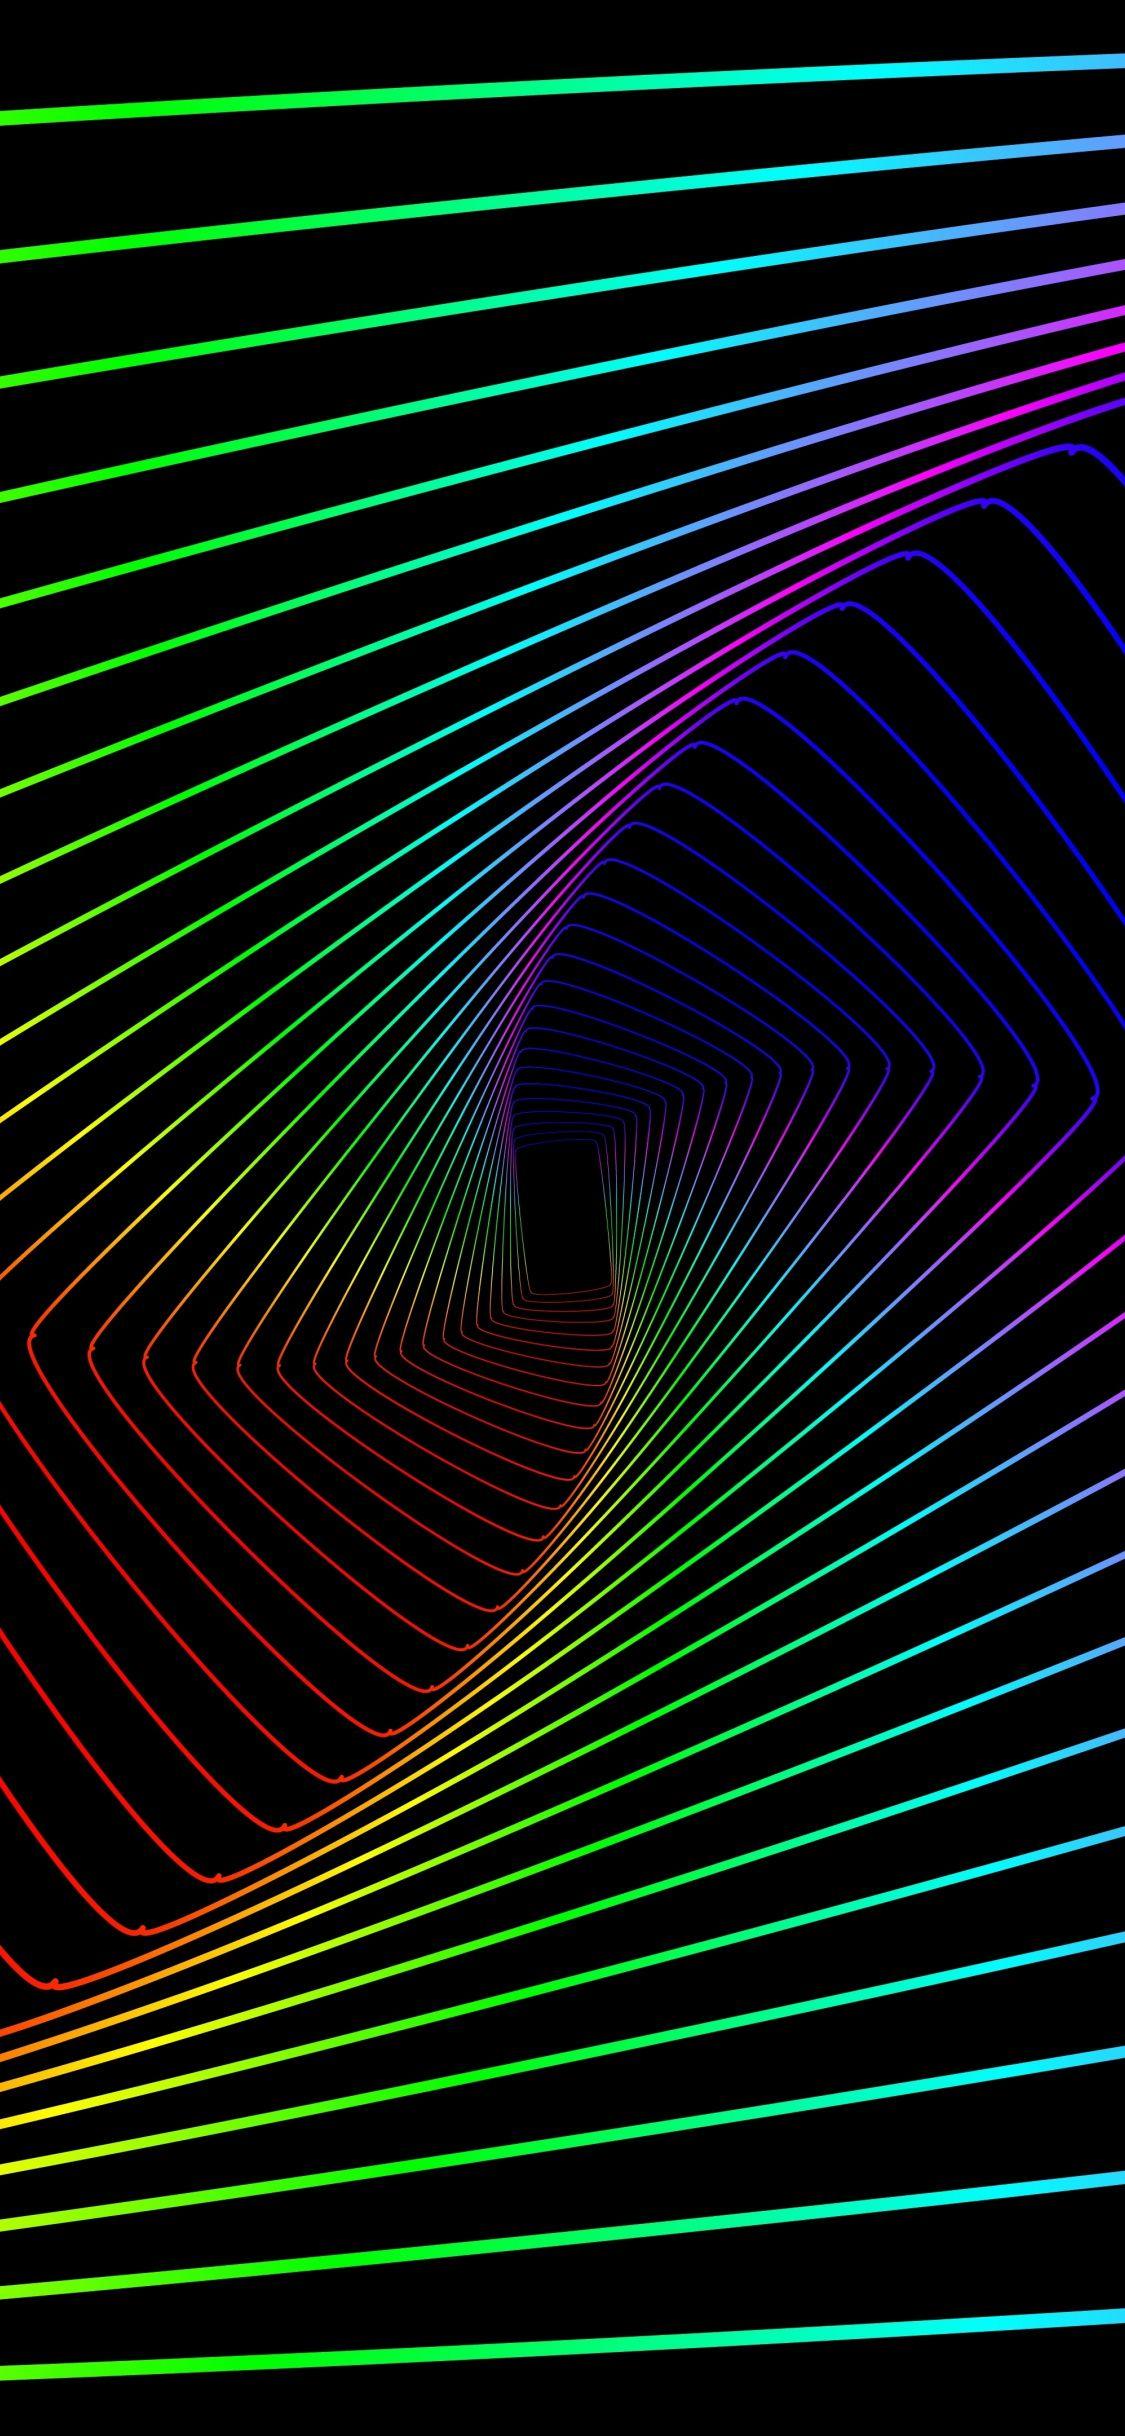 Iphone Wallpaper Video Live Wallpaper Iphone Xperia Wallpaper